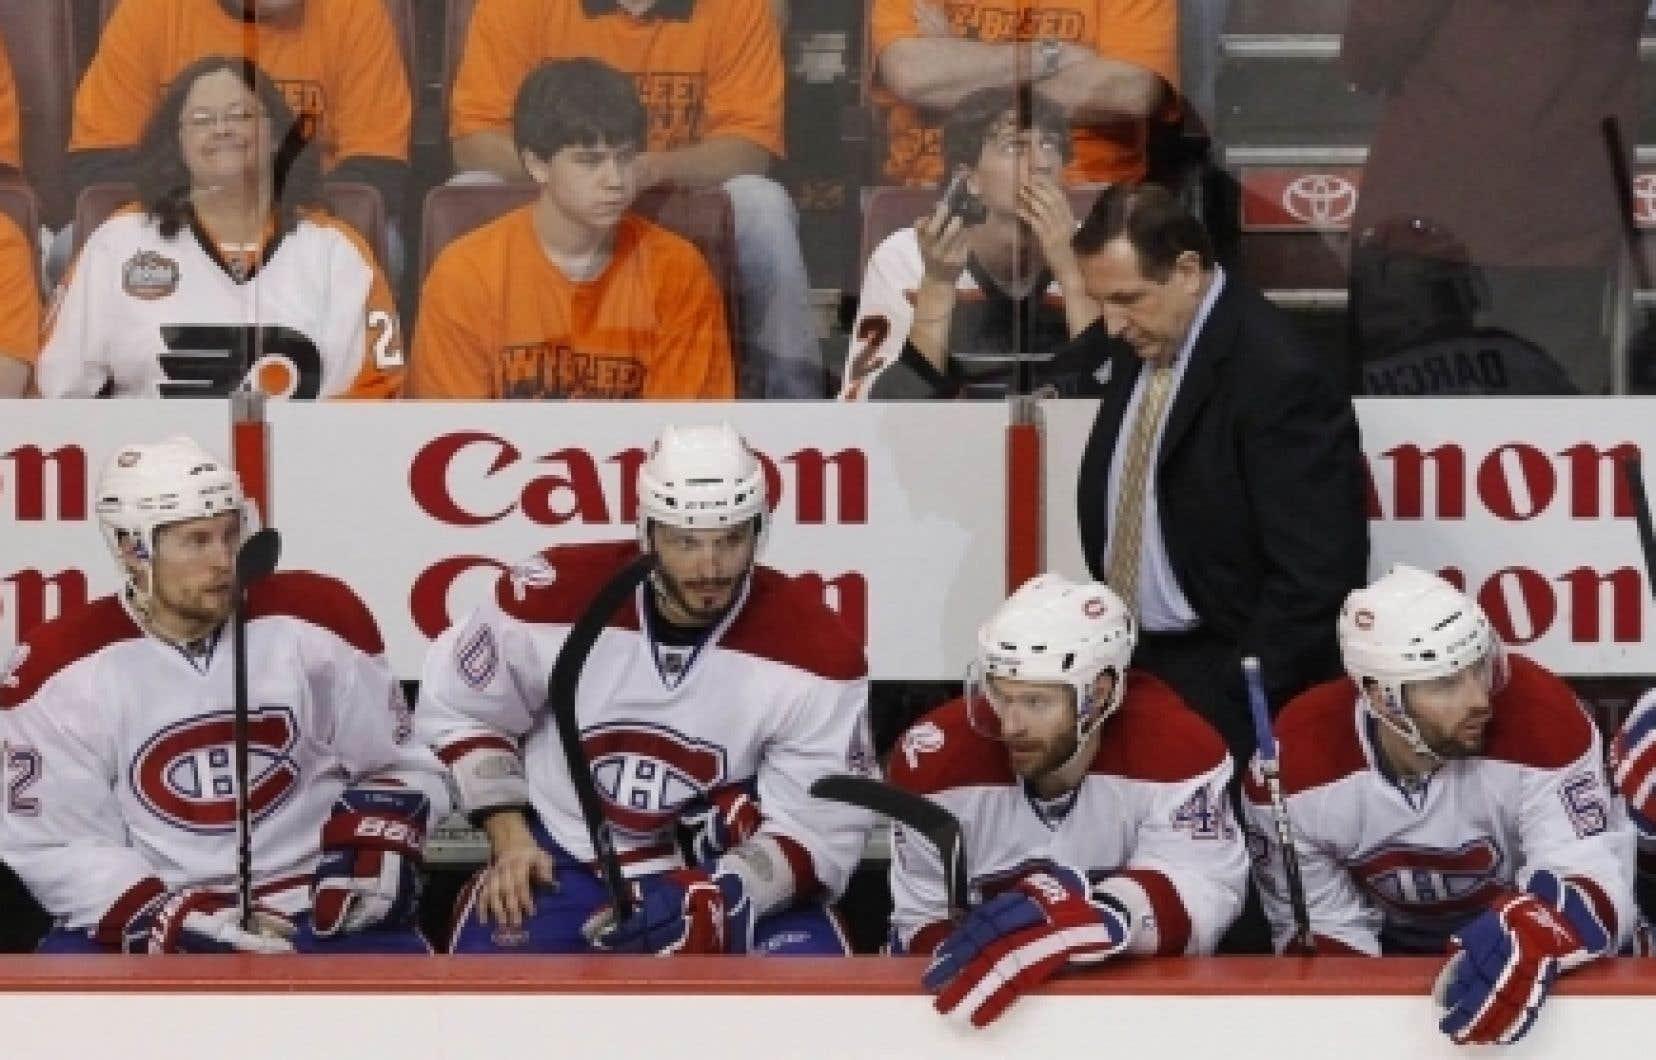 Les joueurs du Canadien et leur entraîneur, Jacques Martin, affichaient des mines déconfites à la fin du match qui a signifié l'élimination de l'équipe, hier, à Philadelphie.